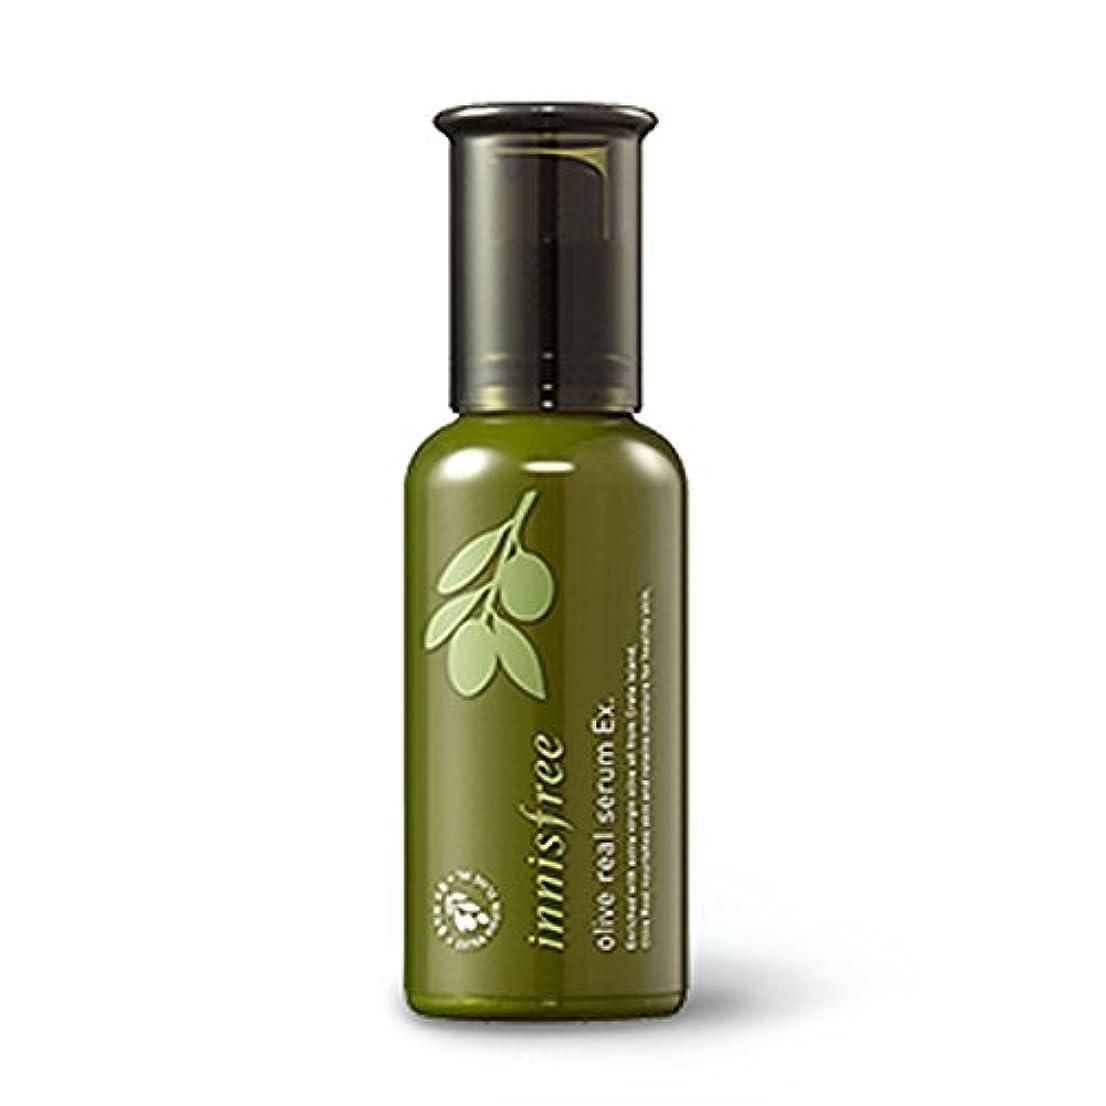 流す怪しいインレイイニスフリーオリーブリアルセラム 50ml / Innisfree Olive Real Serum Ex. 50ml[海外直送品][並行輸入品]